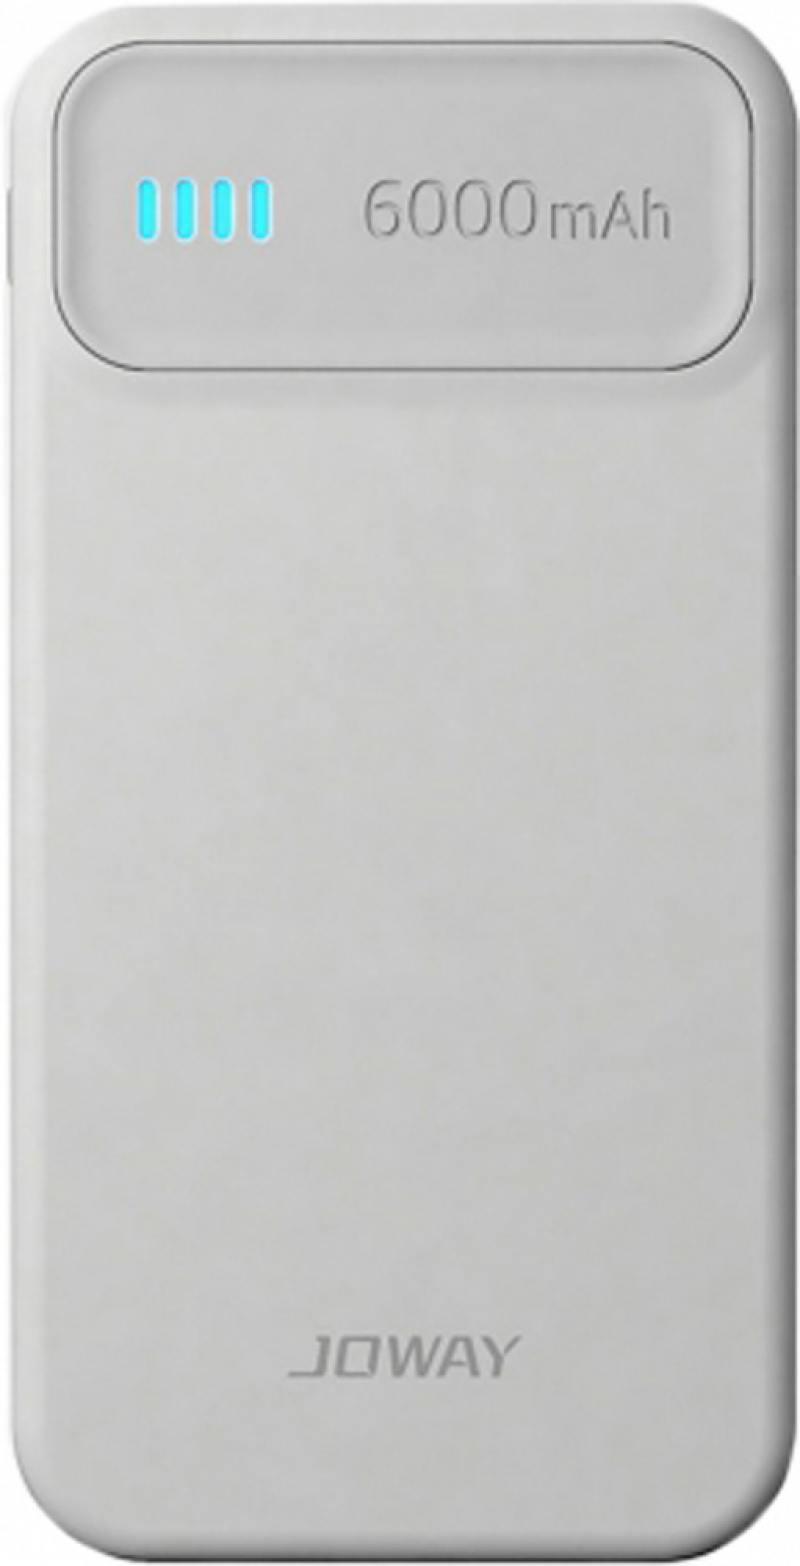 Фото - Внешний аккумулятор Joway JP61 6000 mAh белый серый аккумулятор